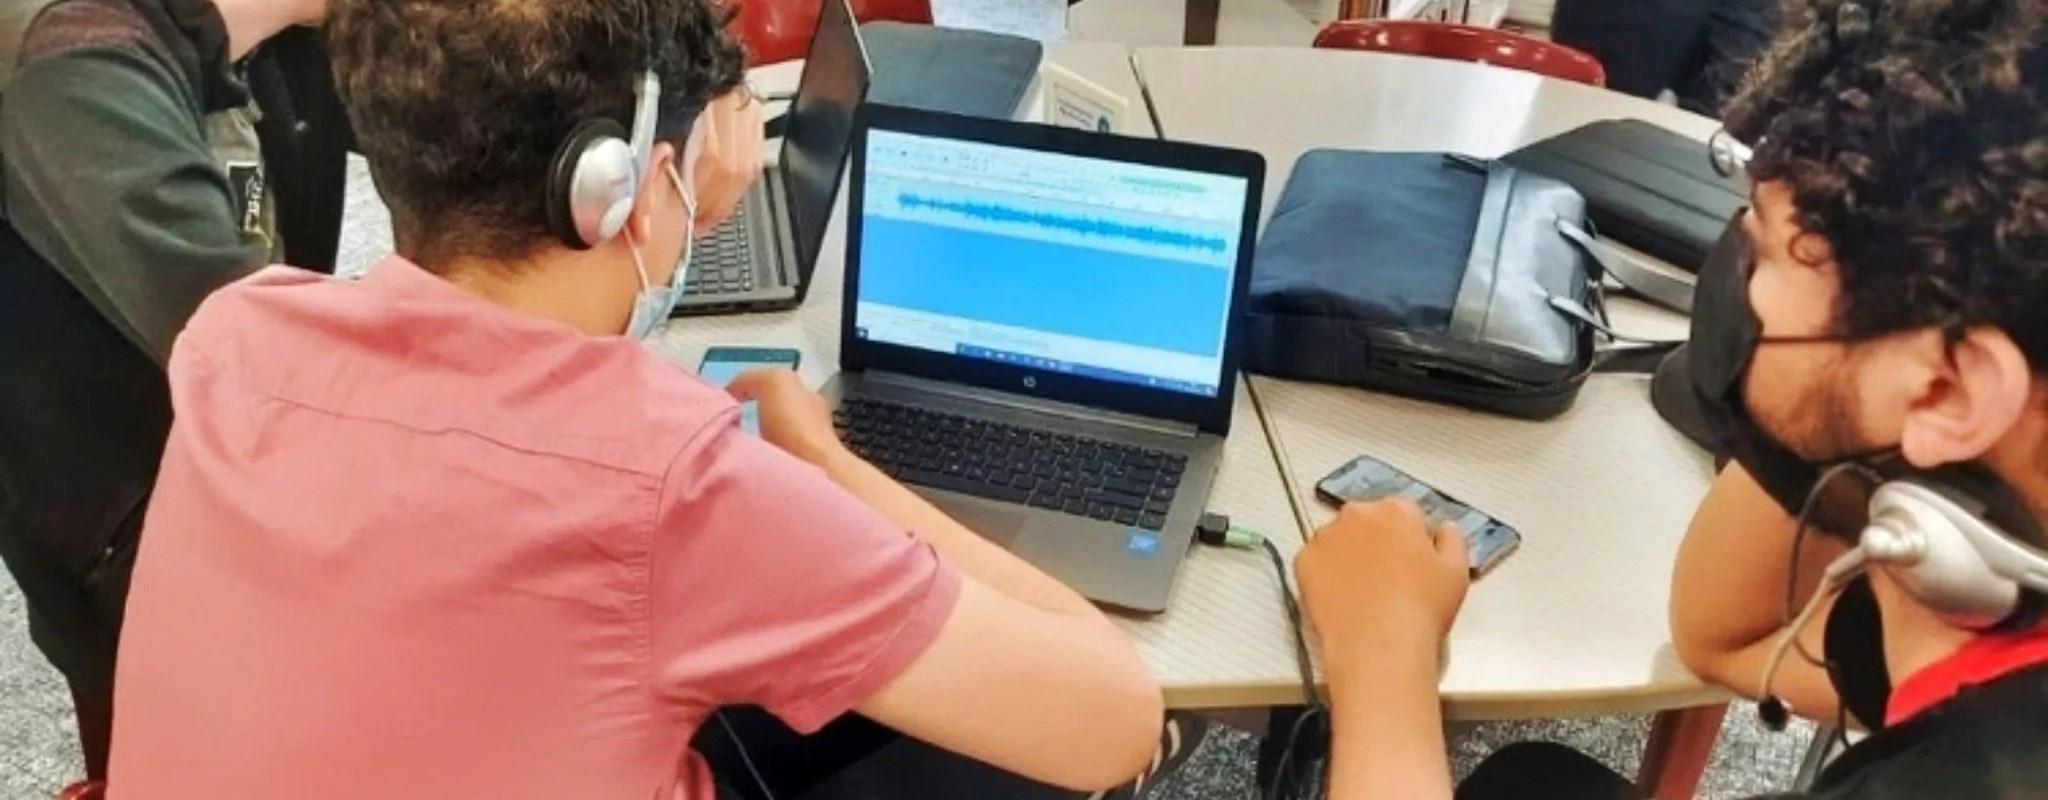 Lettre ouverte à Jean Rottner : «Nous demandons la fin du numérique imposé dans l'éducation»